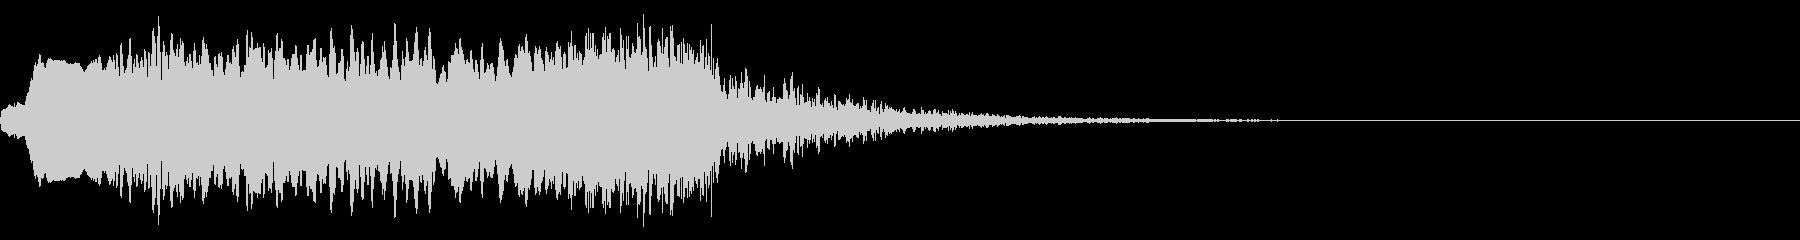 女性の叫び声1の未再生の波形